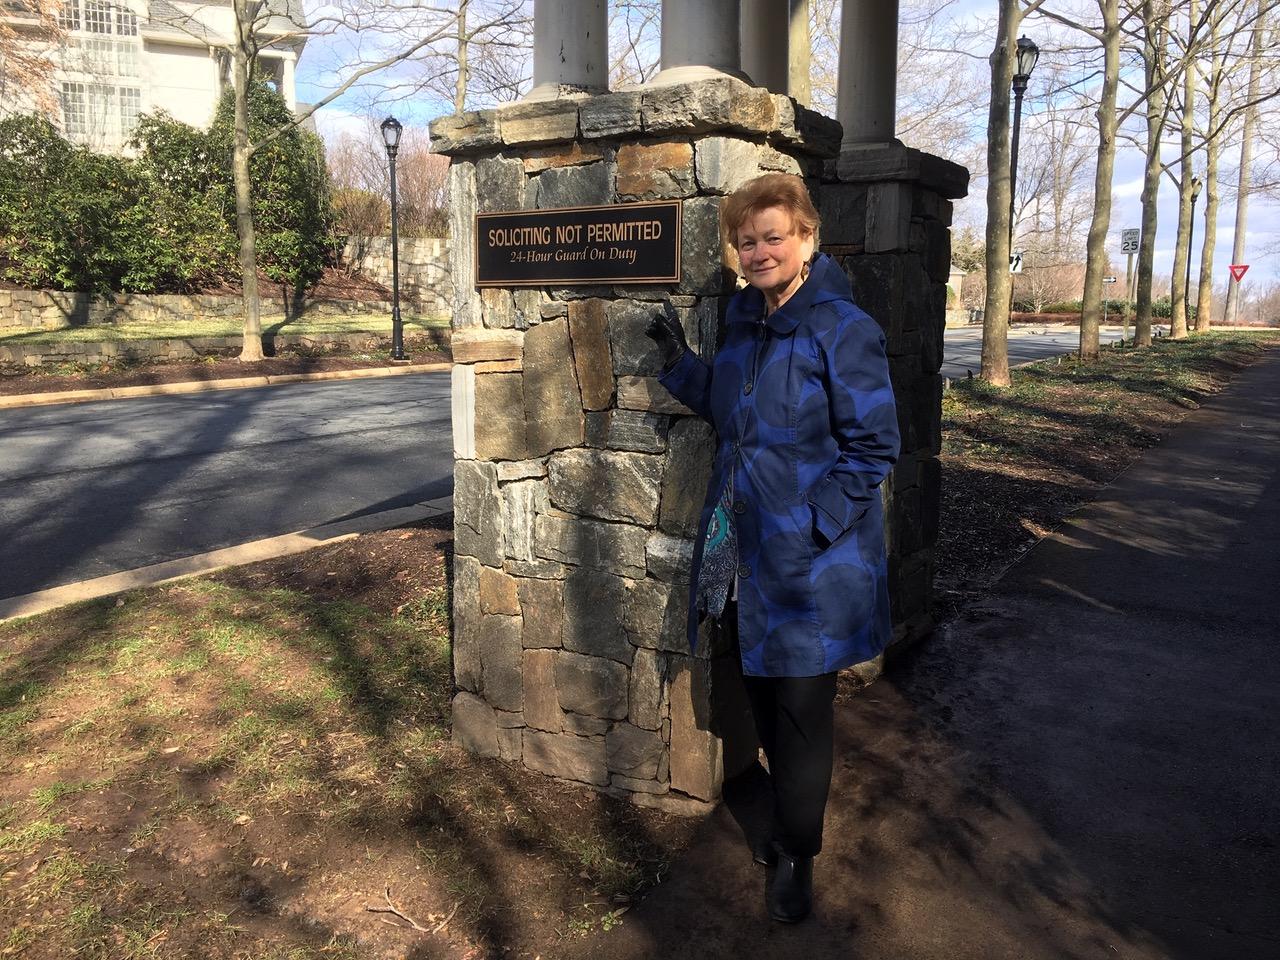 Hannah Moore, McLean, VA, March 2019